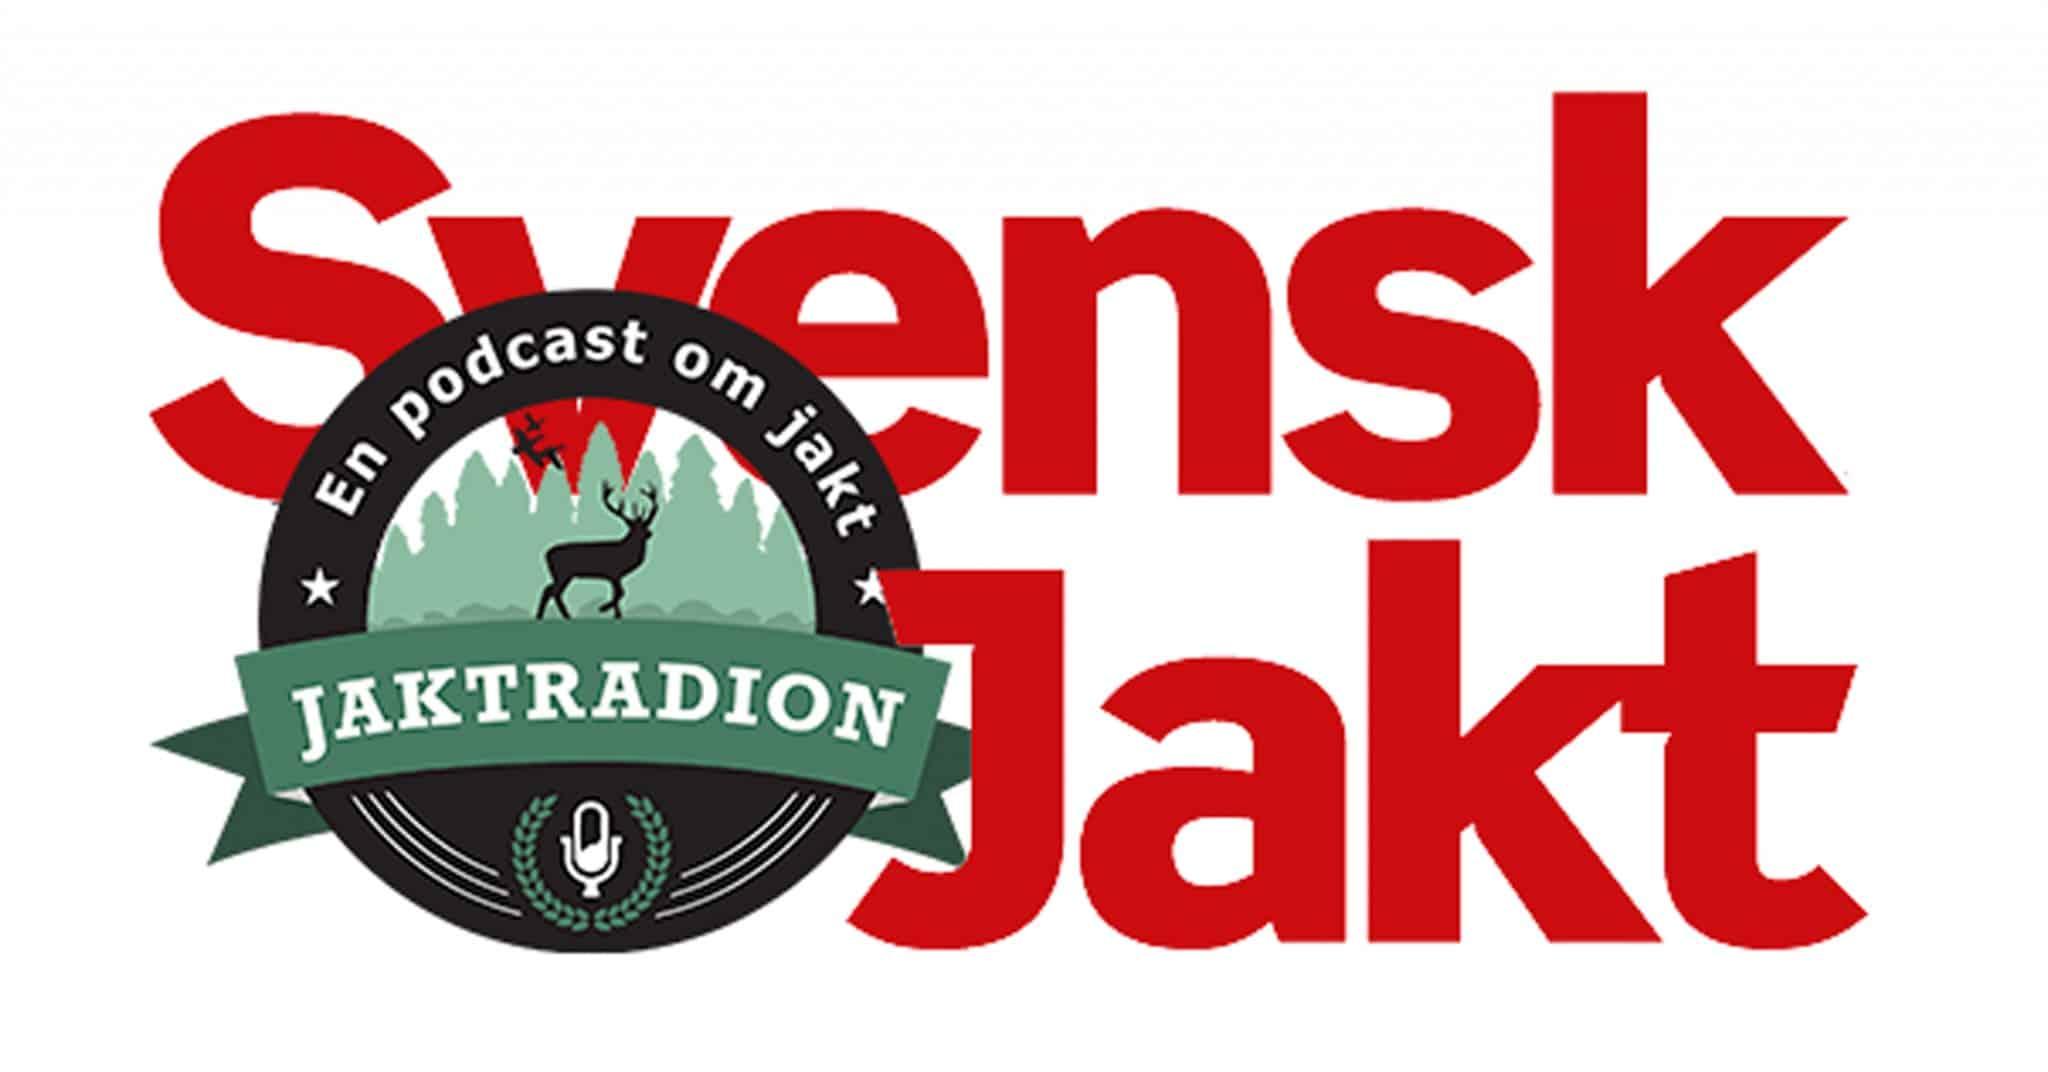 Jaktradion är landets största podcast om jakt.